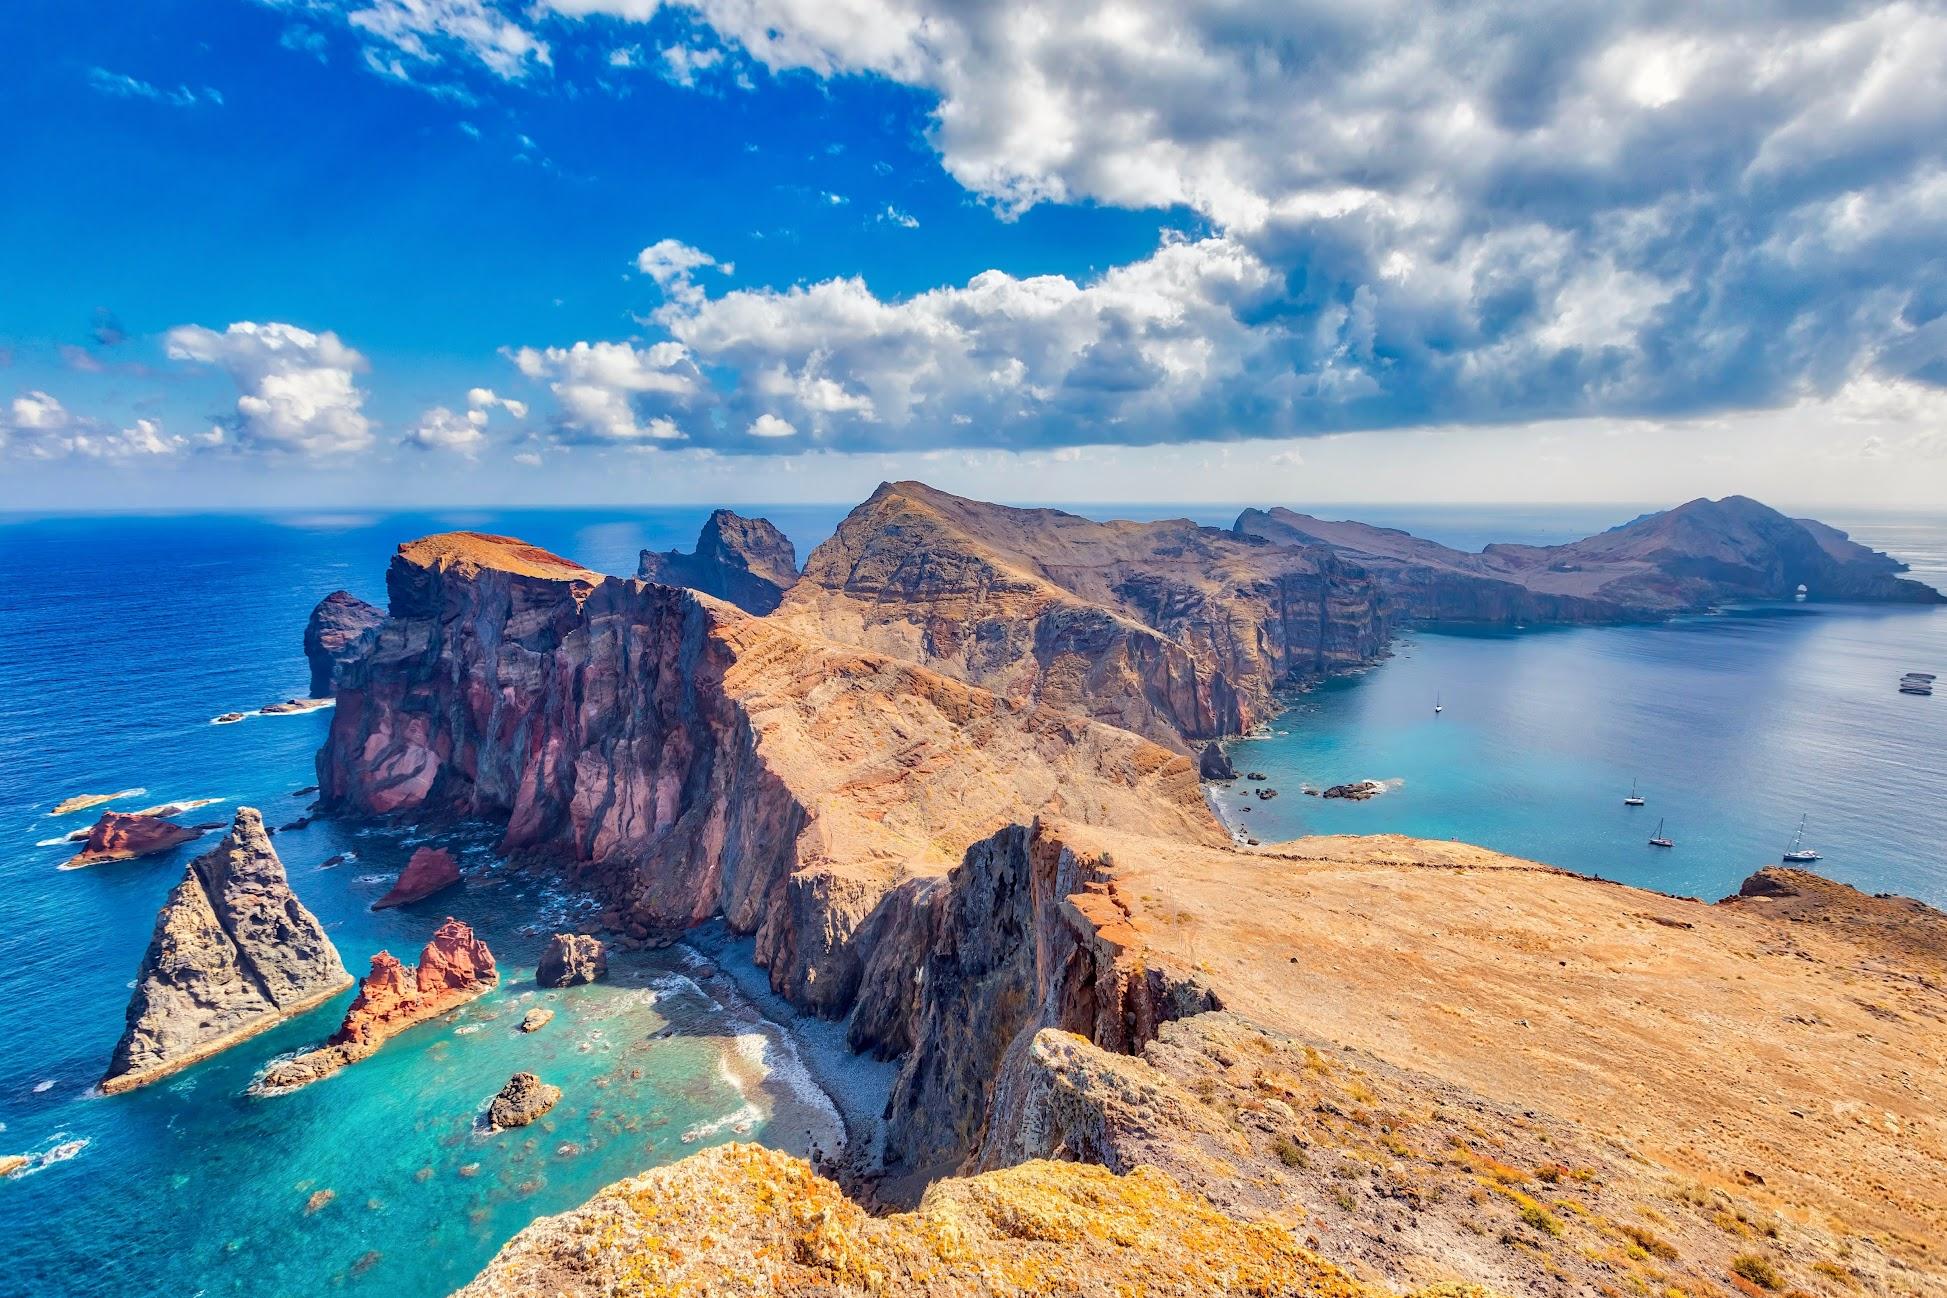 groenste-eiland-zuid-europa